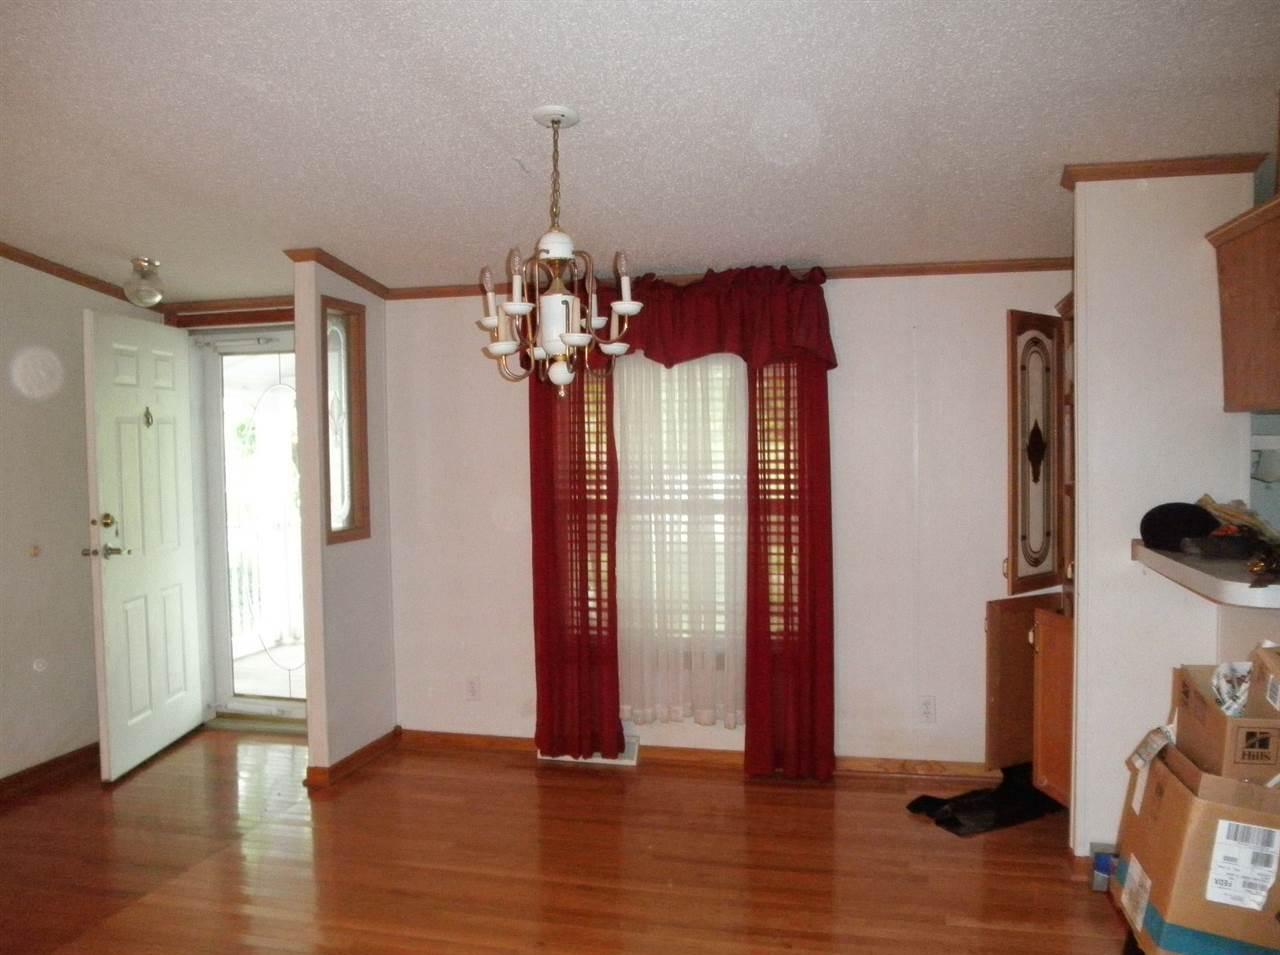 Sold Cross Sale W/ MLS | 1 Northfork Rd. Kaw City, OK 74641 5